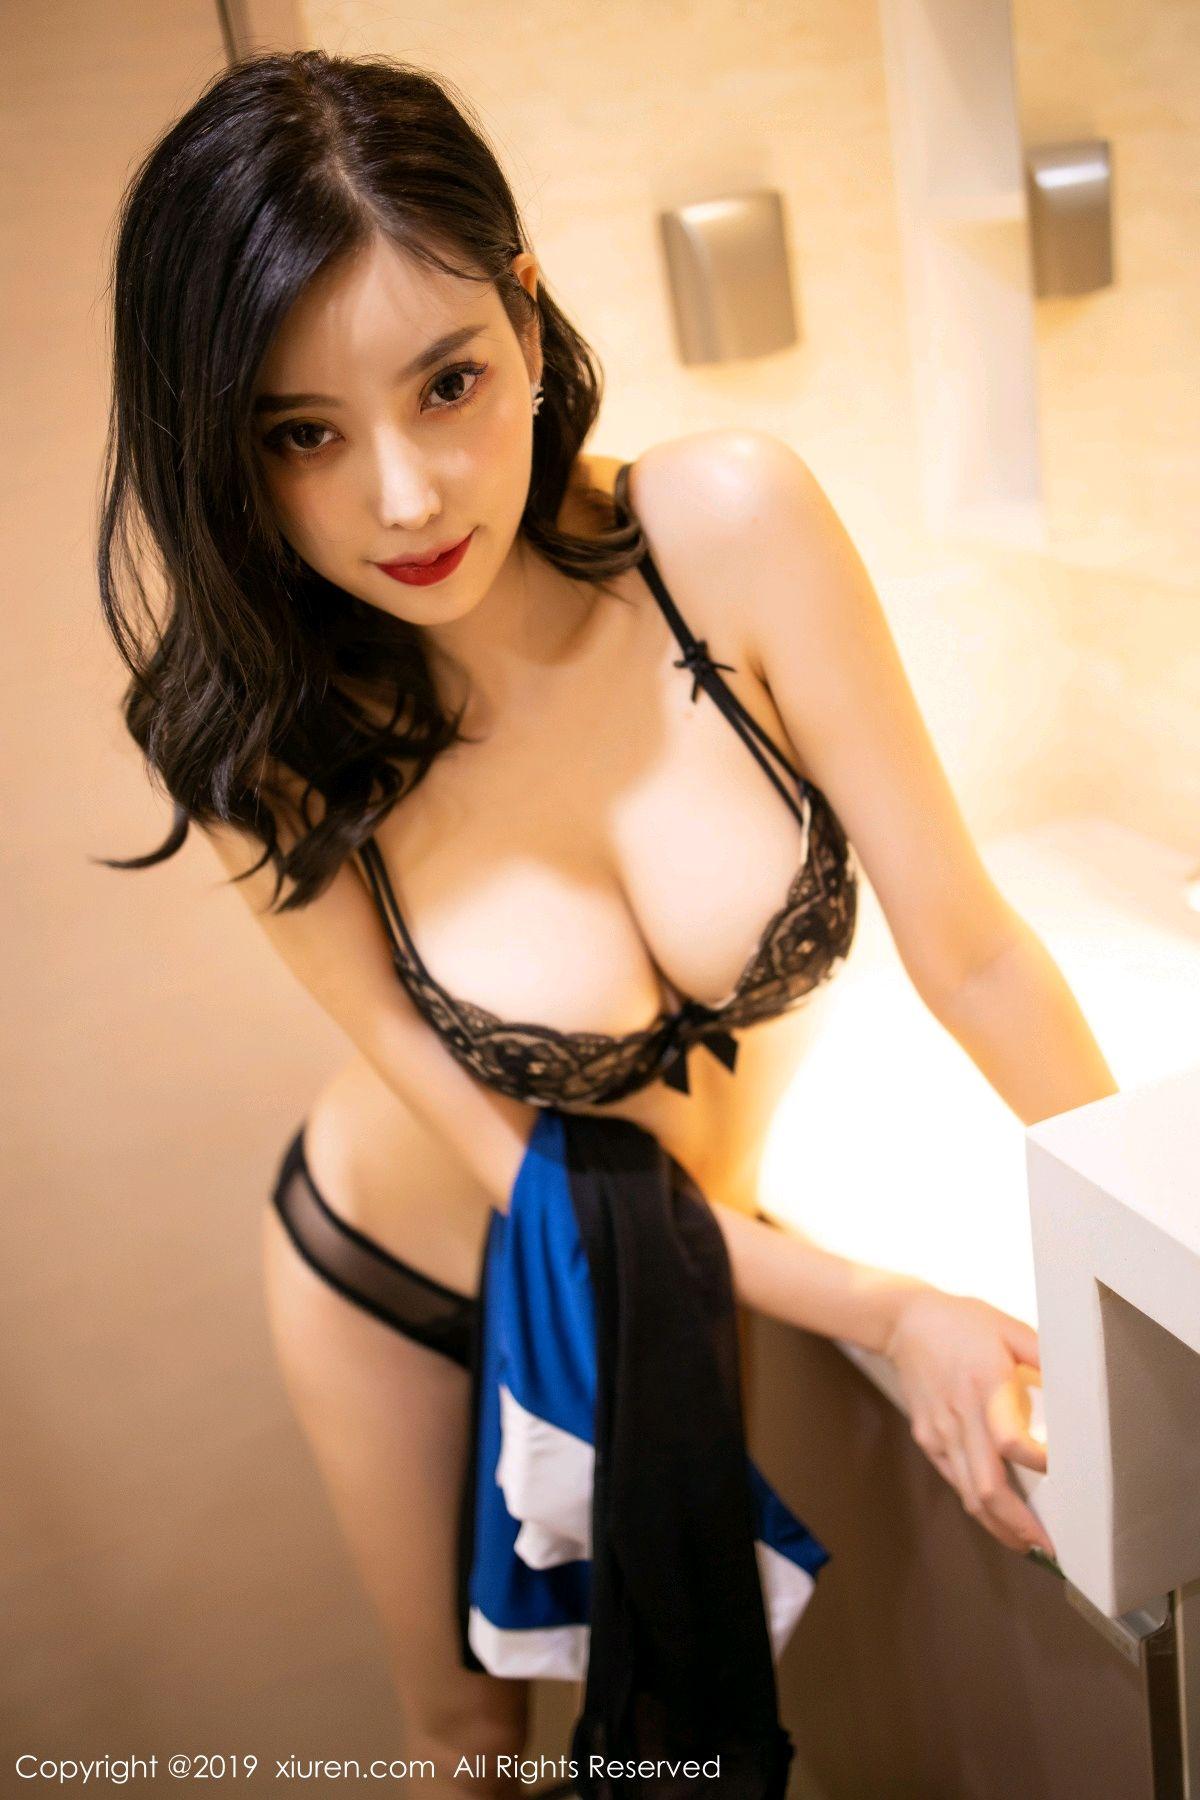 [XiuRen] Vol.1822 Yang Chen Chen 46P, Black Silk, Stewardess, Xiuren, Yang Chen Chen